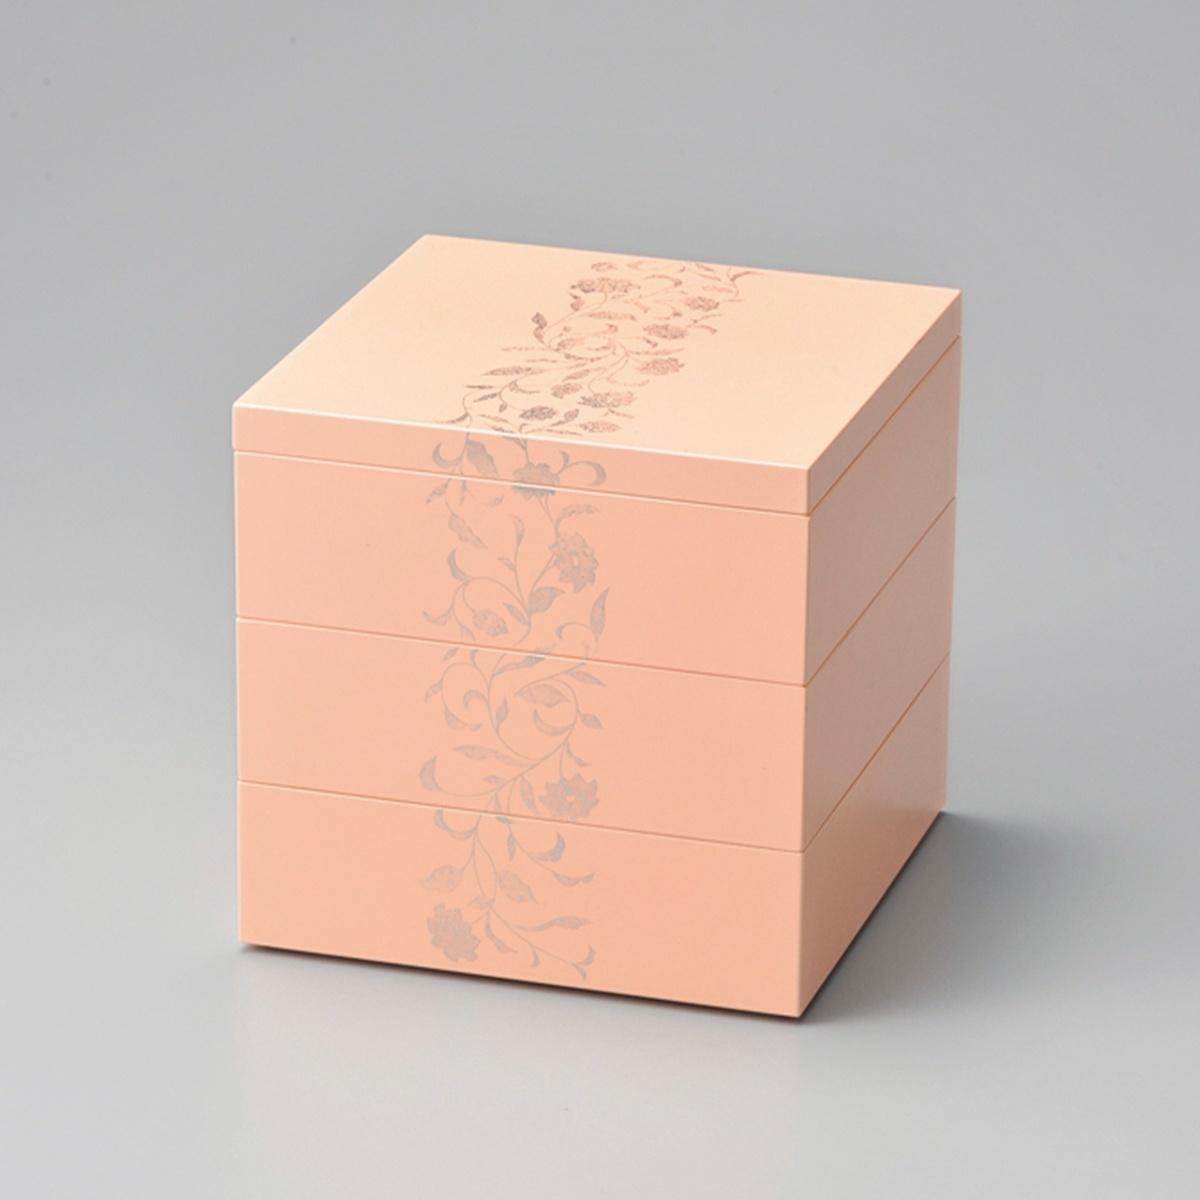 【ポイント 3倍中!更にクーポン】アールデコ 5.5寸三段重(ピンク)宮内庁御用達 重箱 日本製 来客 艶 上品 器 漆器 木合 高級 おすすめ おもてなし 正月 元旦 迎春 おせち パーティー 運動会 ピクニック お花見 かわいい